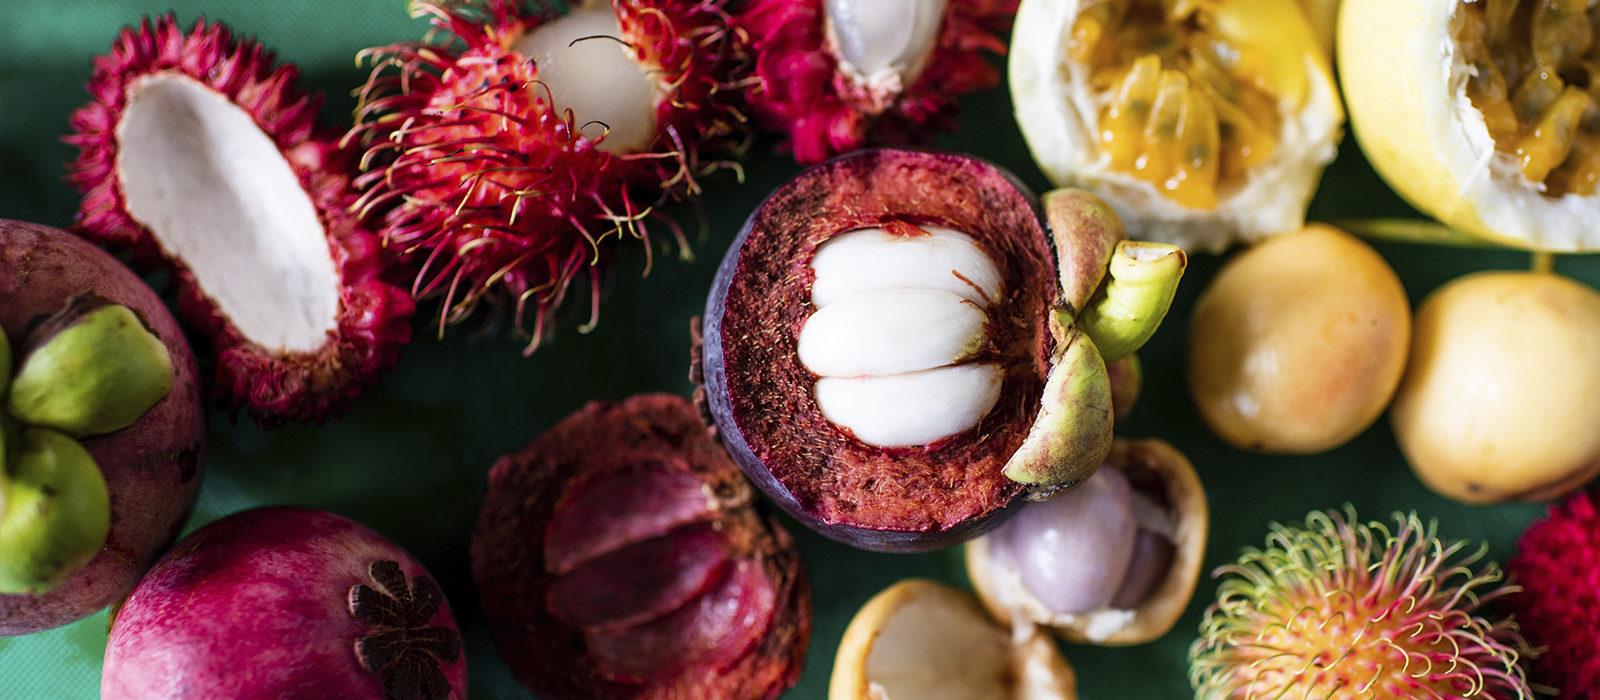 Hawaii Fruit